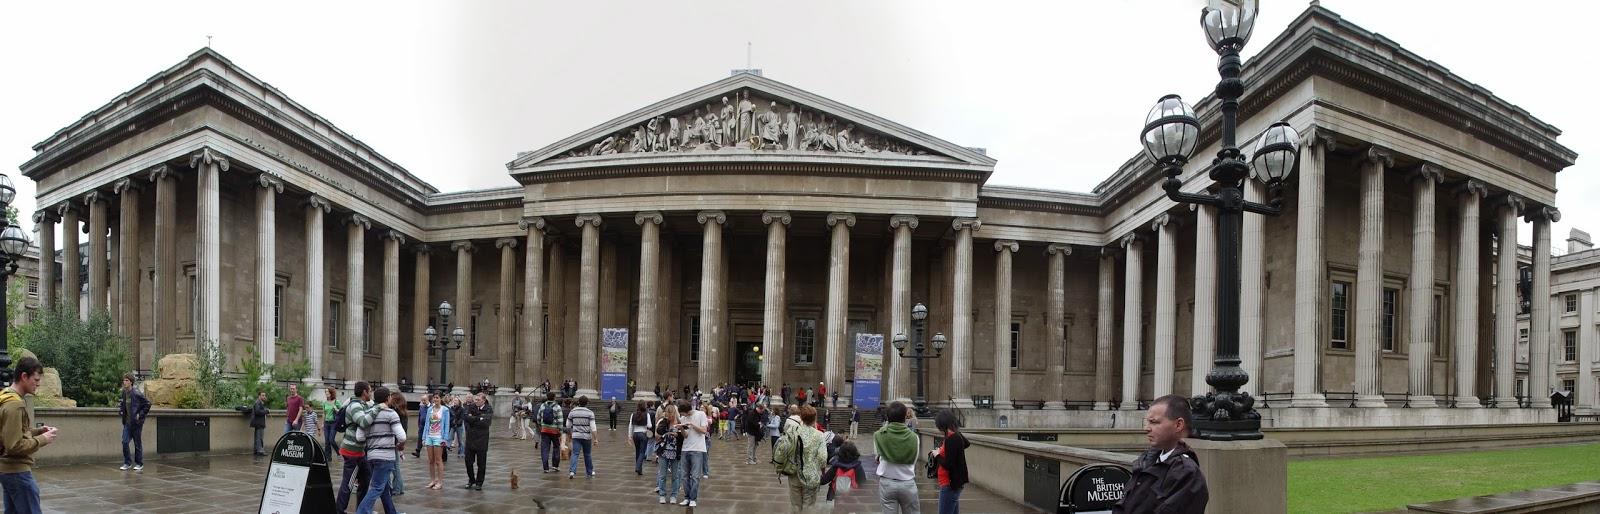 El Museo Británico de Londres